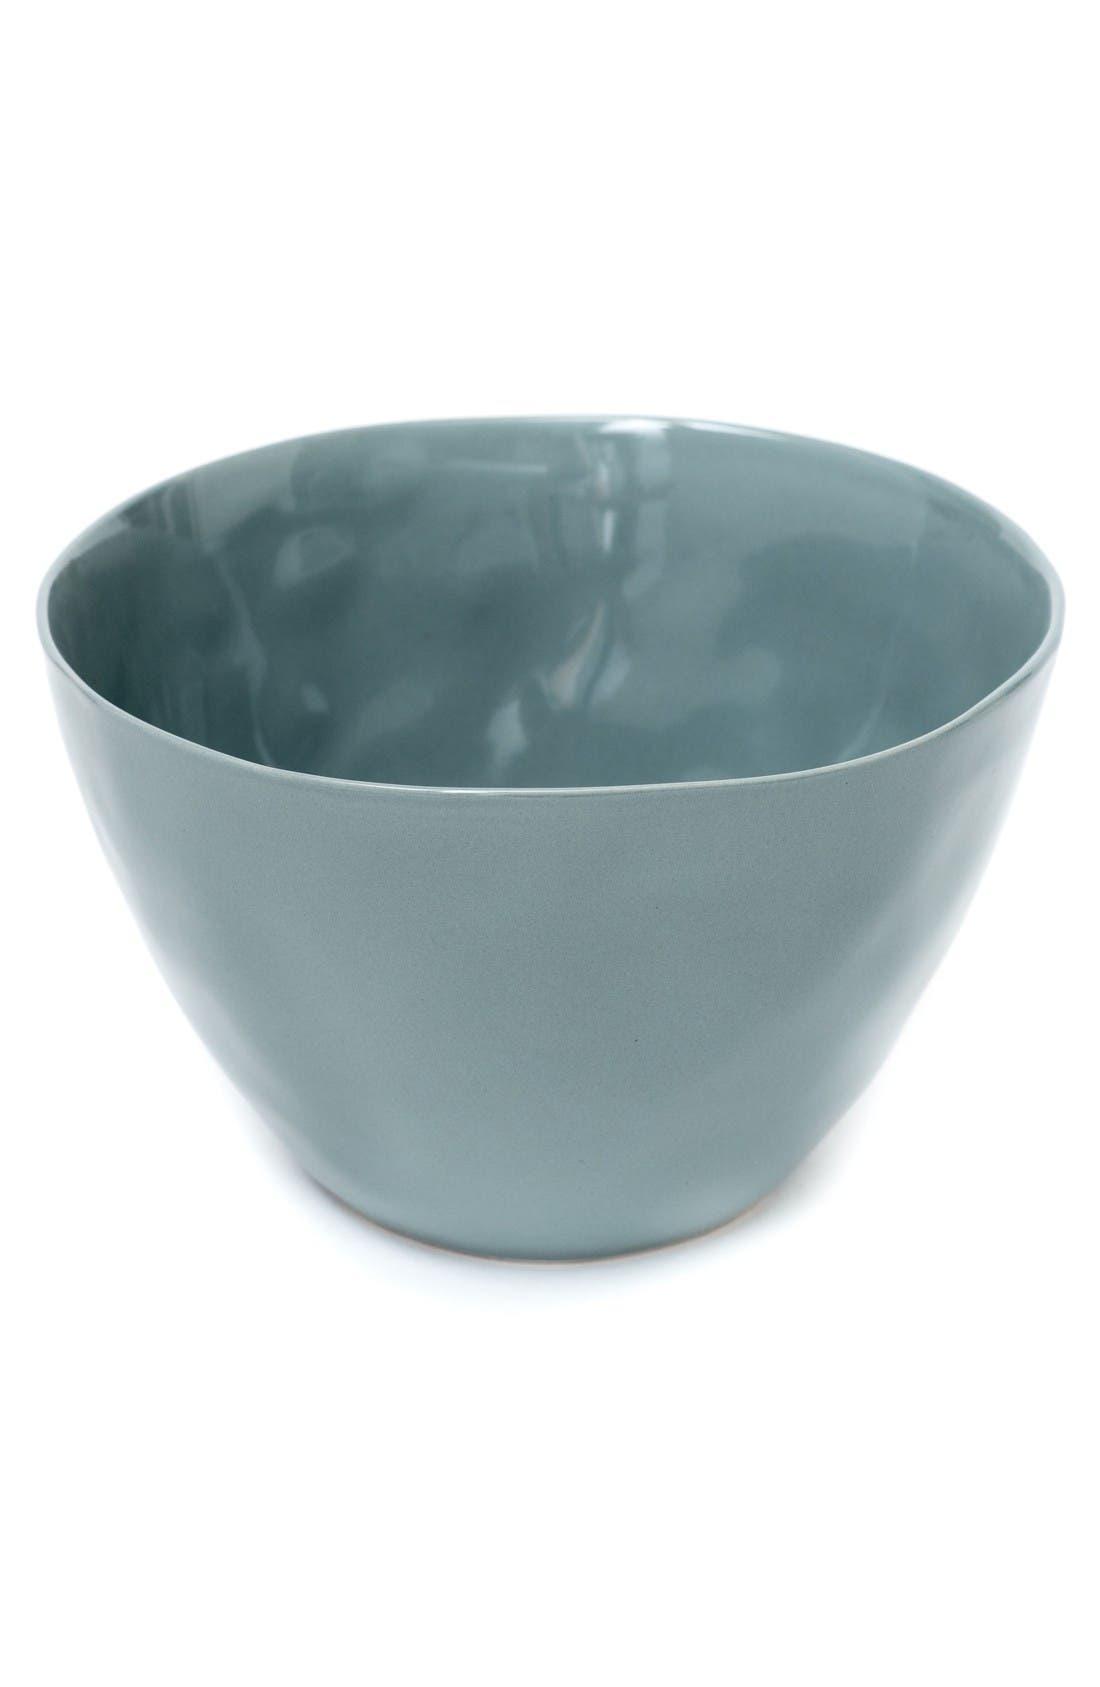 zestt 'Sculptured' Cereal Bowls (Set of 4)